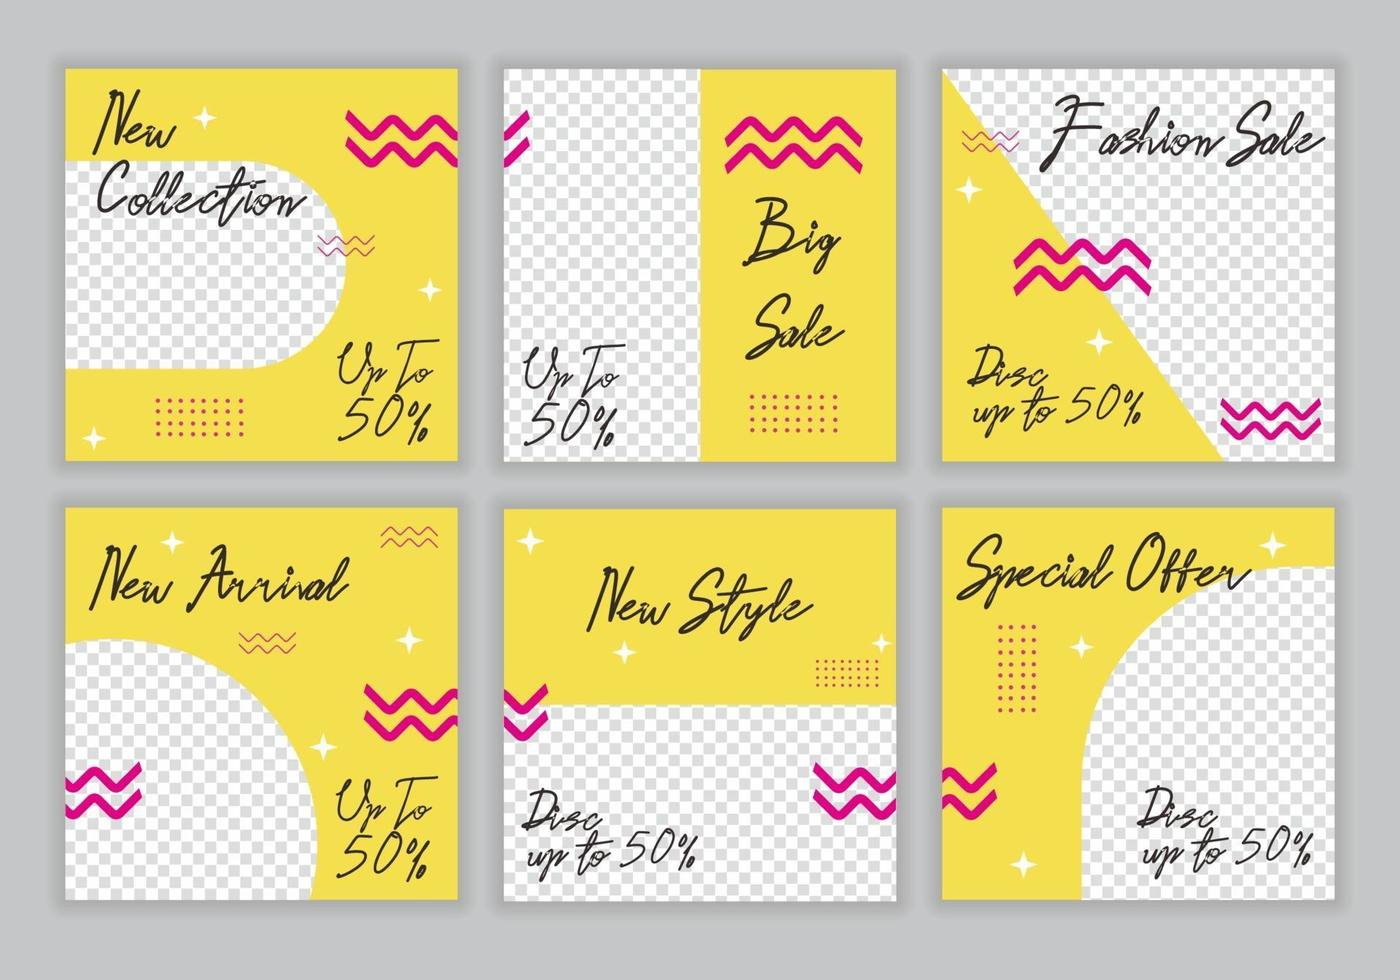 hej sommar rabatt försäljning special. banner bakgrund design mall set pack samling. marknadsföringskampanj med färgglada gula och rosa mönster för butik. vektor mode bakgrund